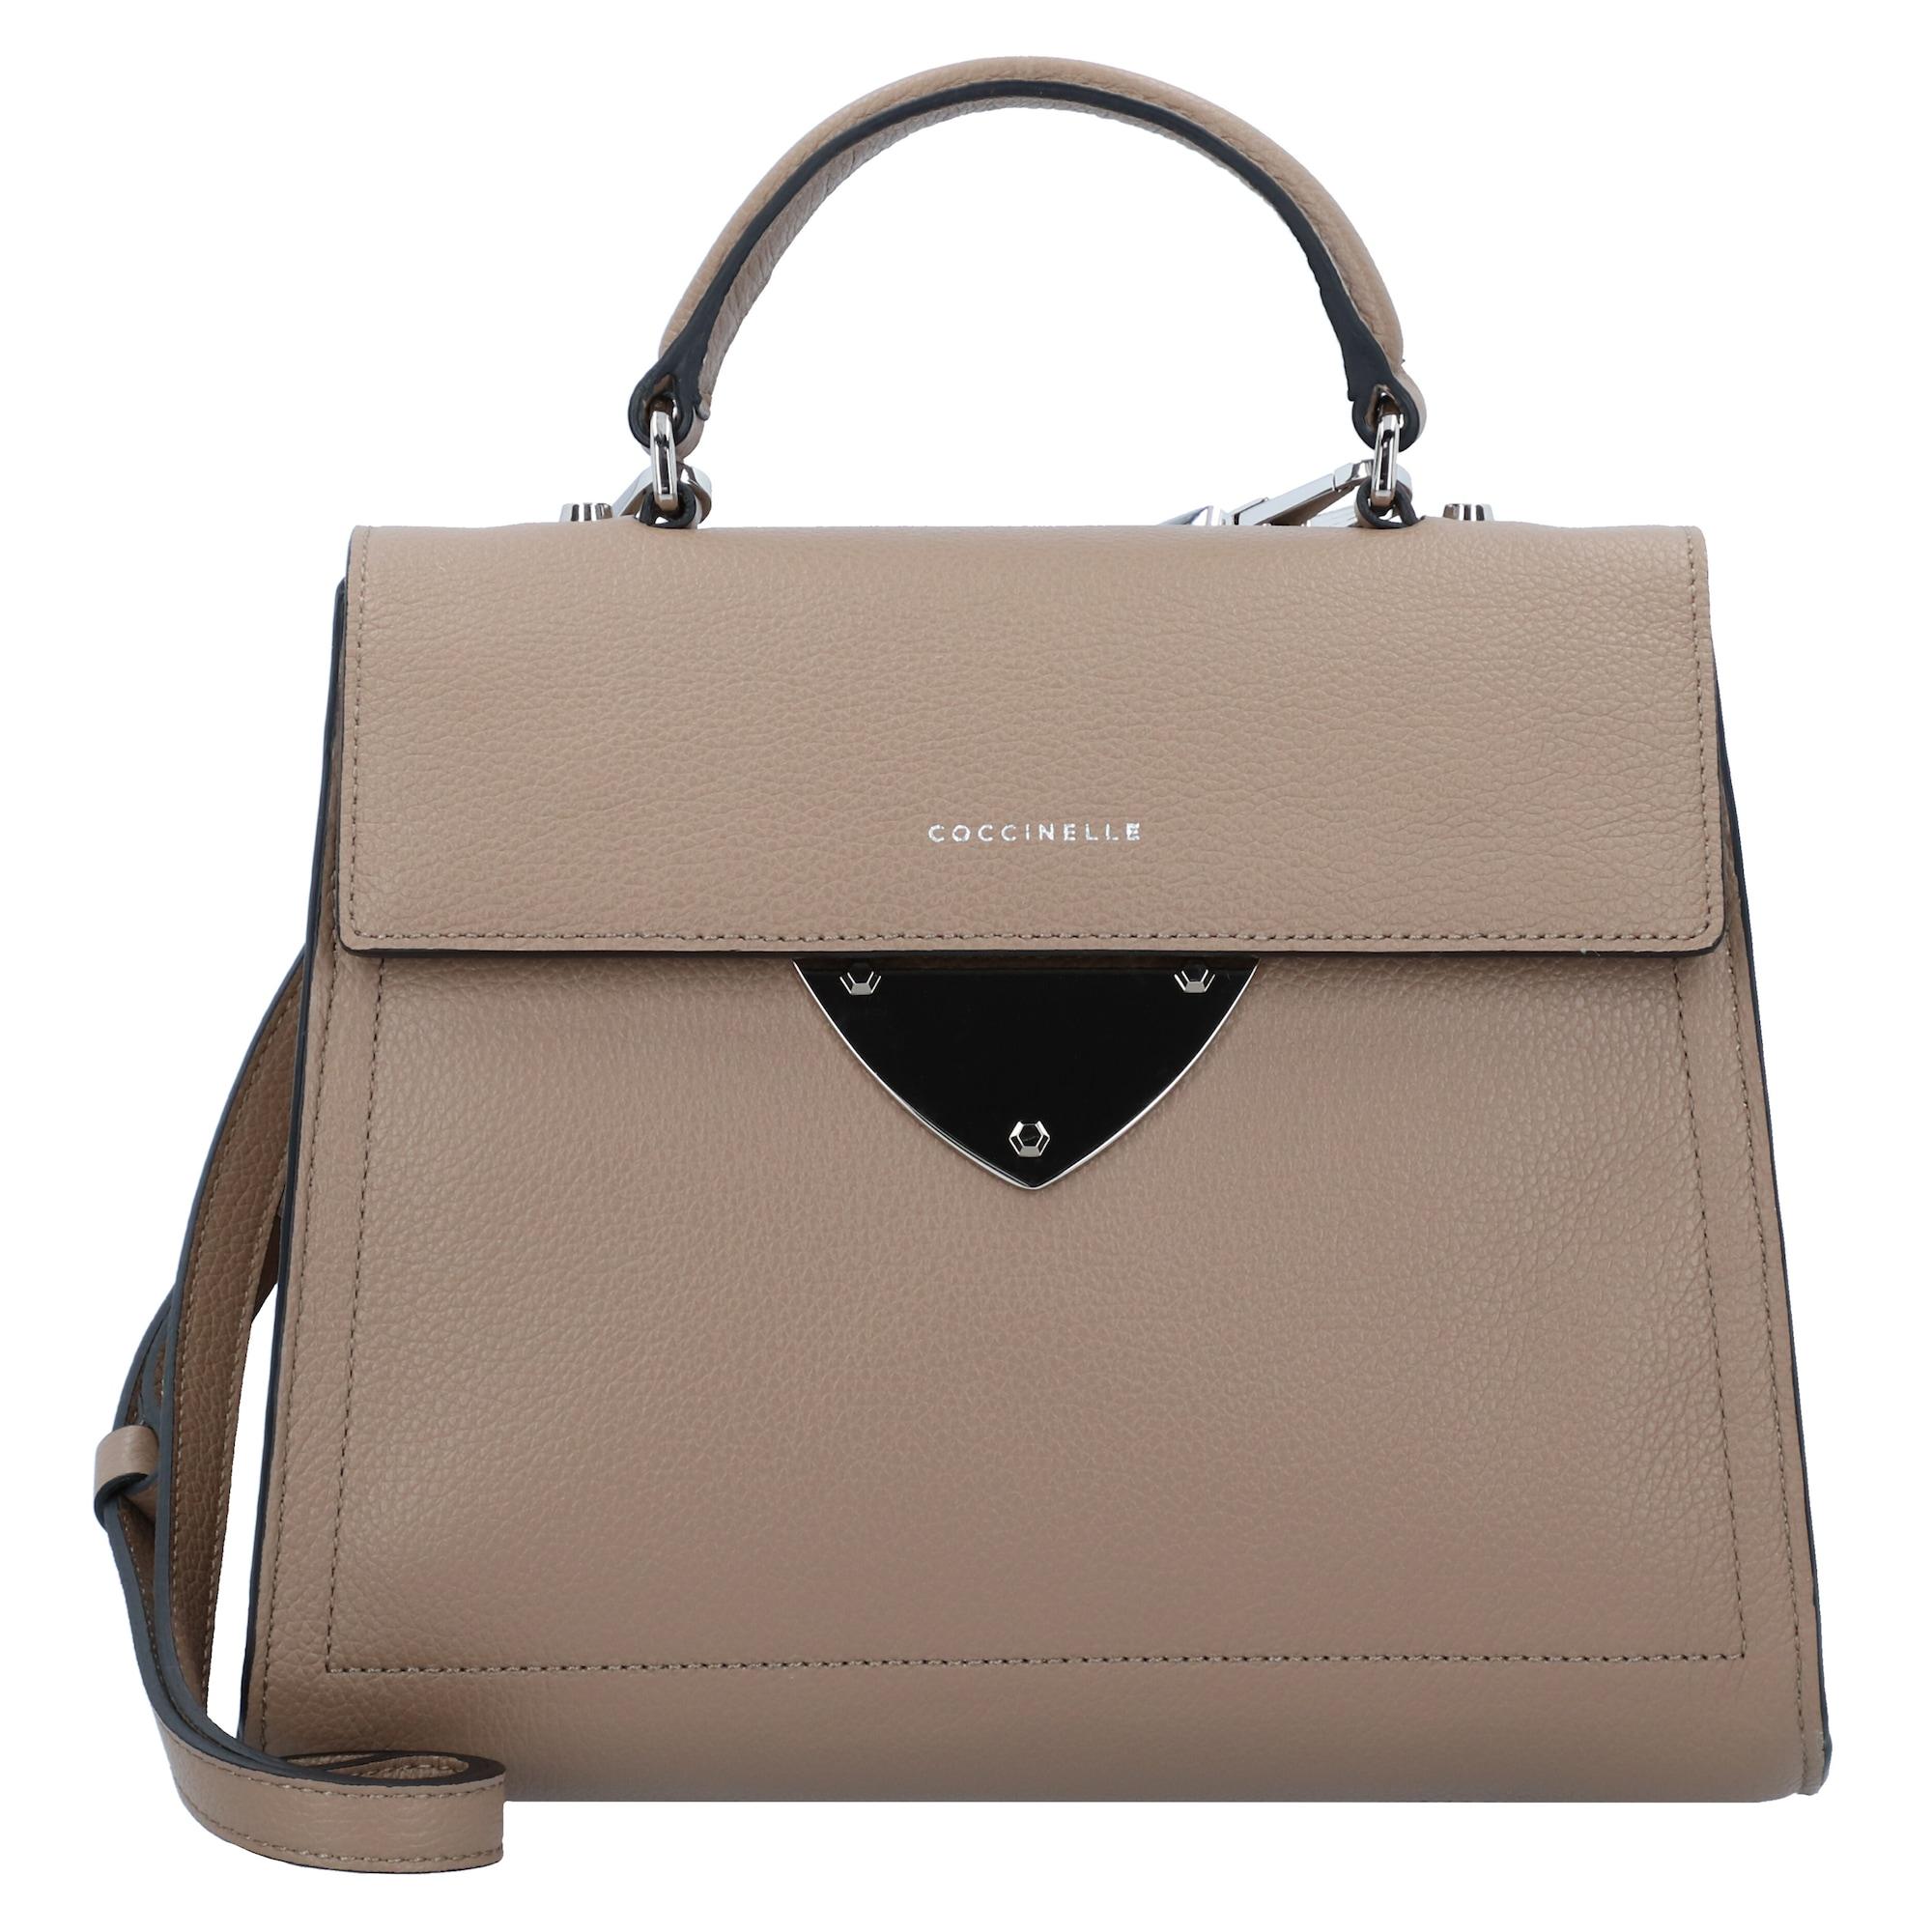 Handtasche   Taschen > Handtaschen > Sonstige Handtaschen   Coccinelle